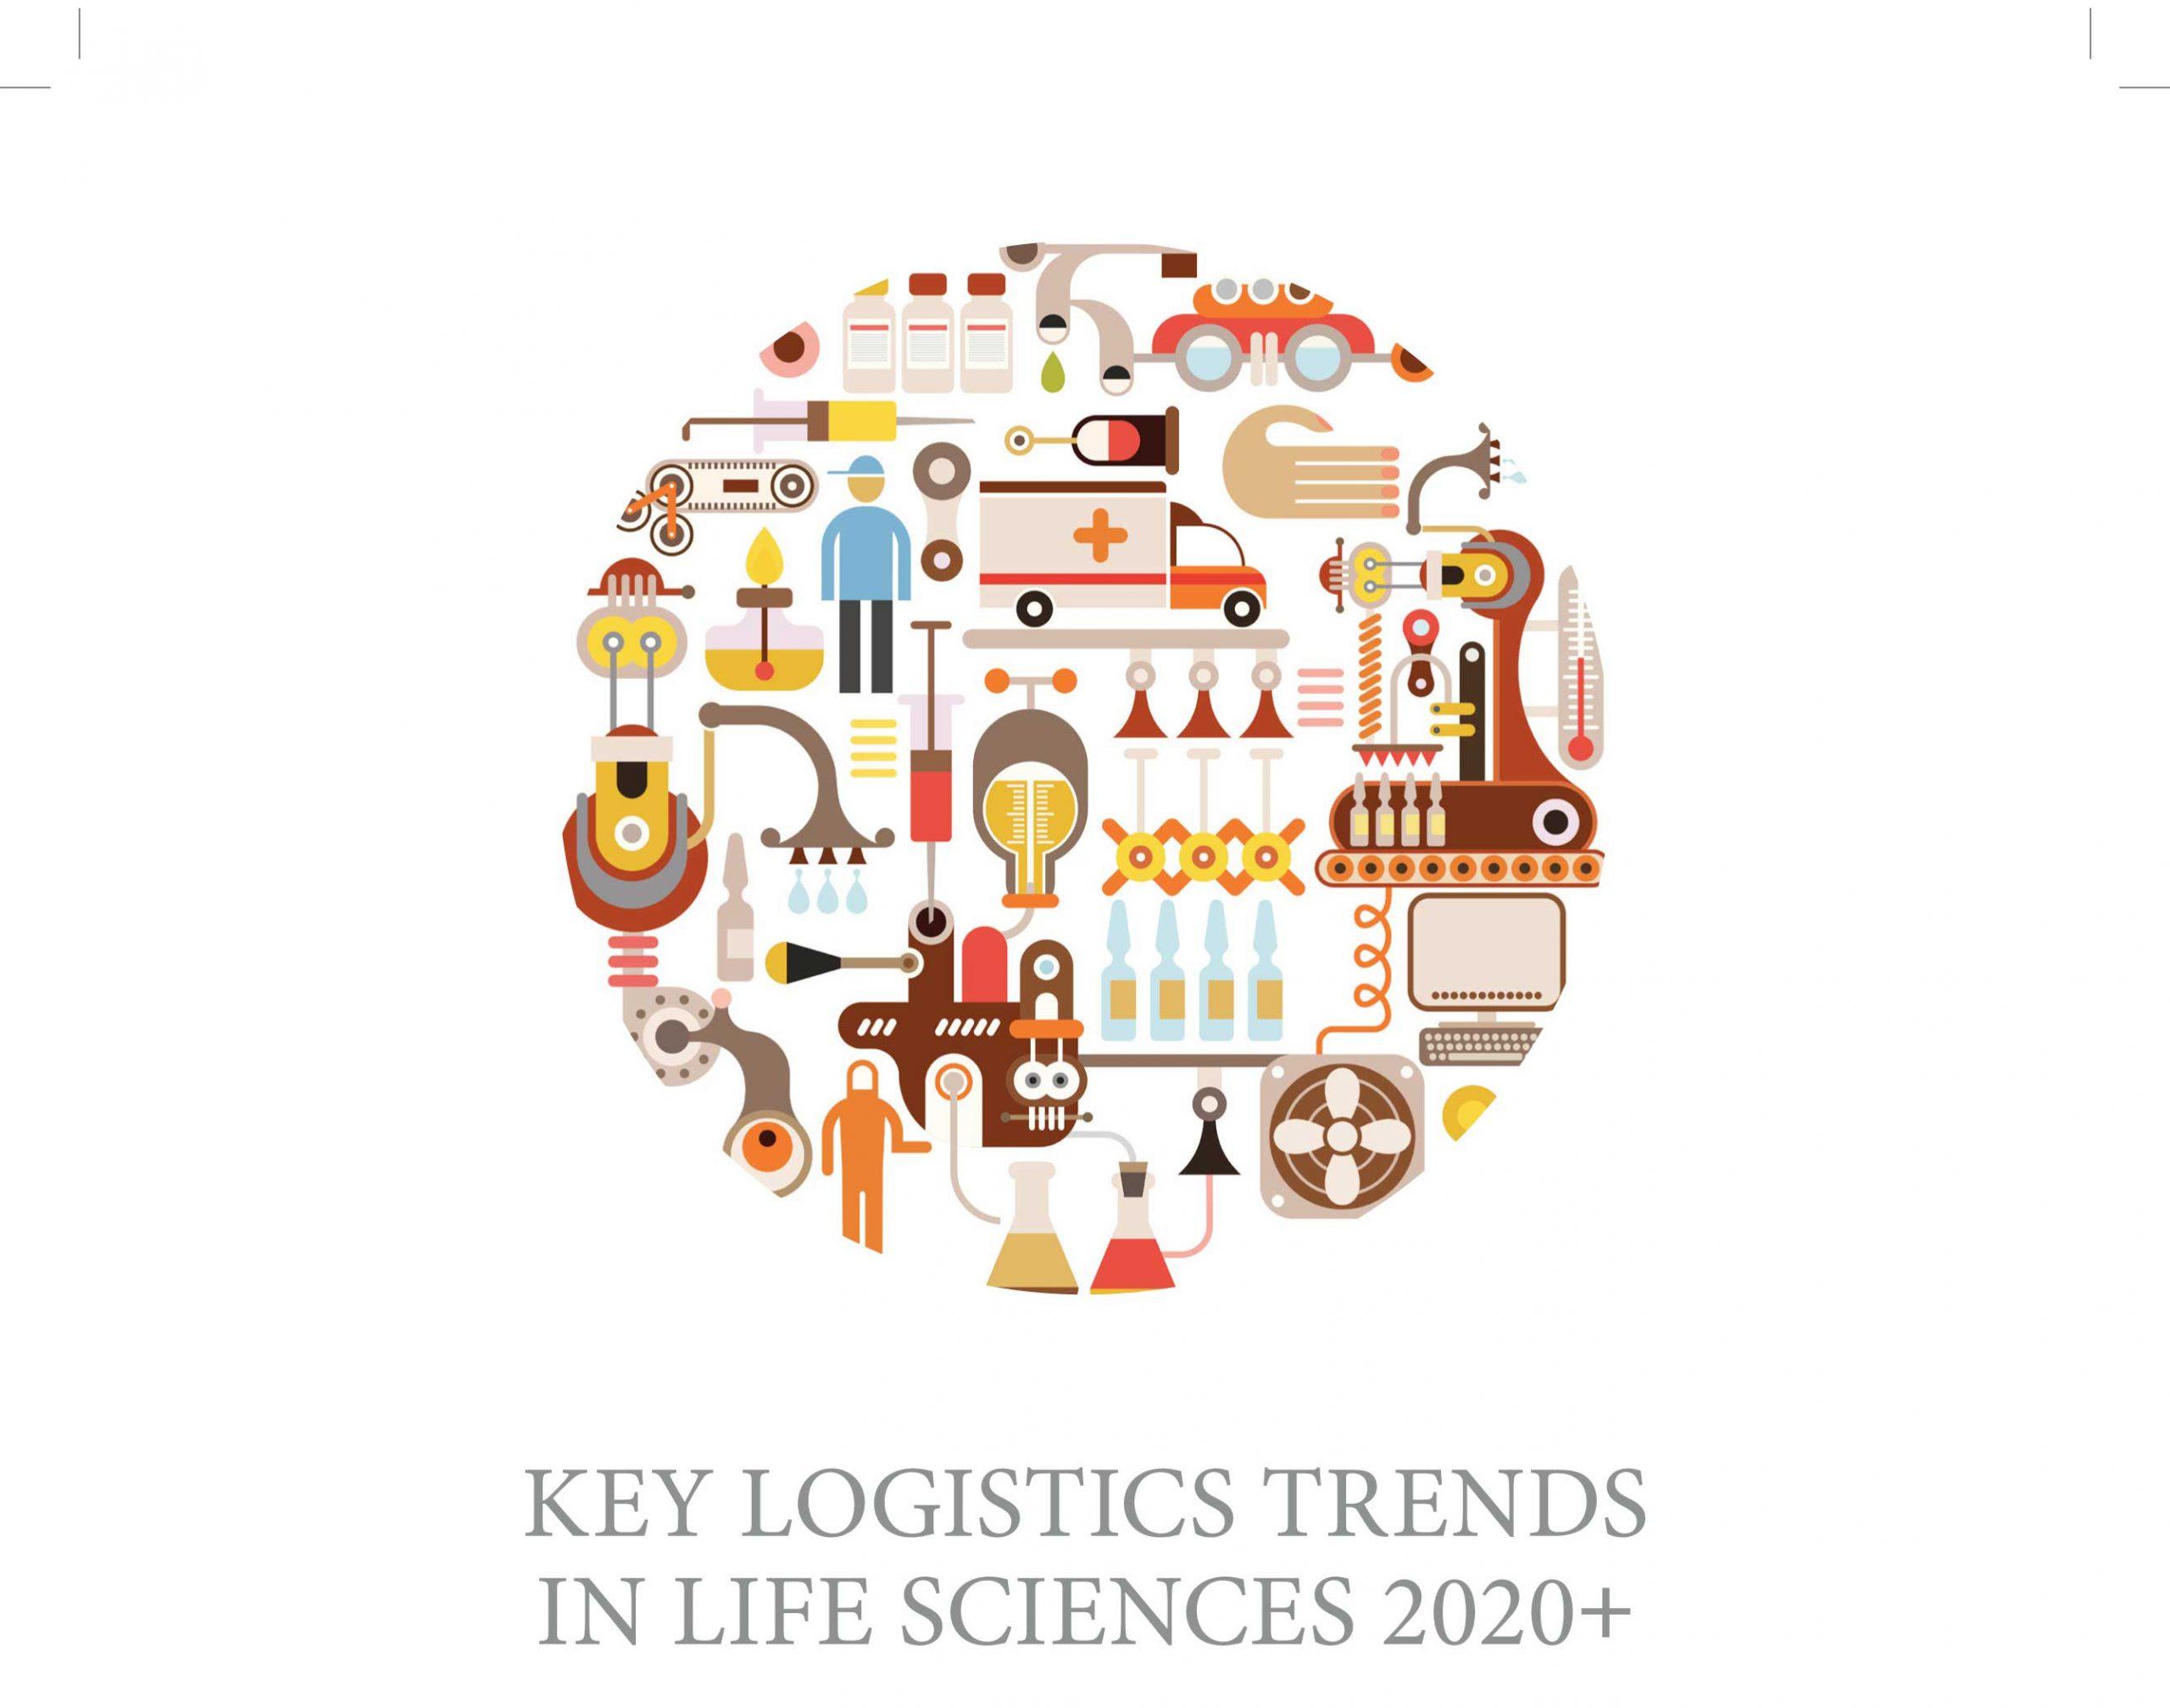 DHL logistics study identifies key trends